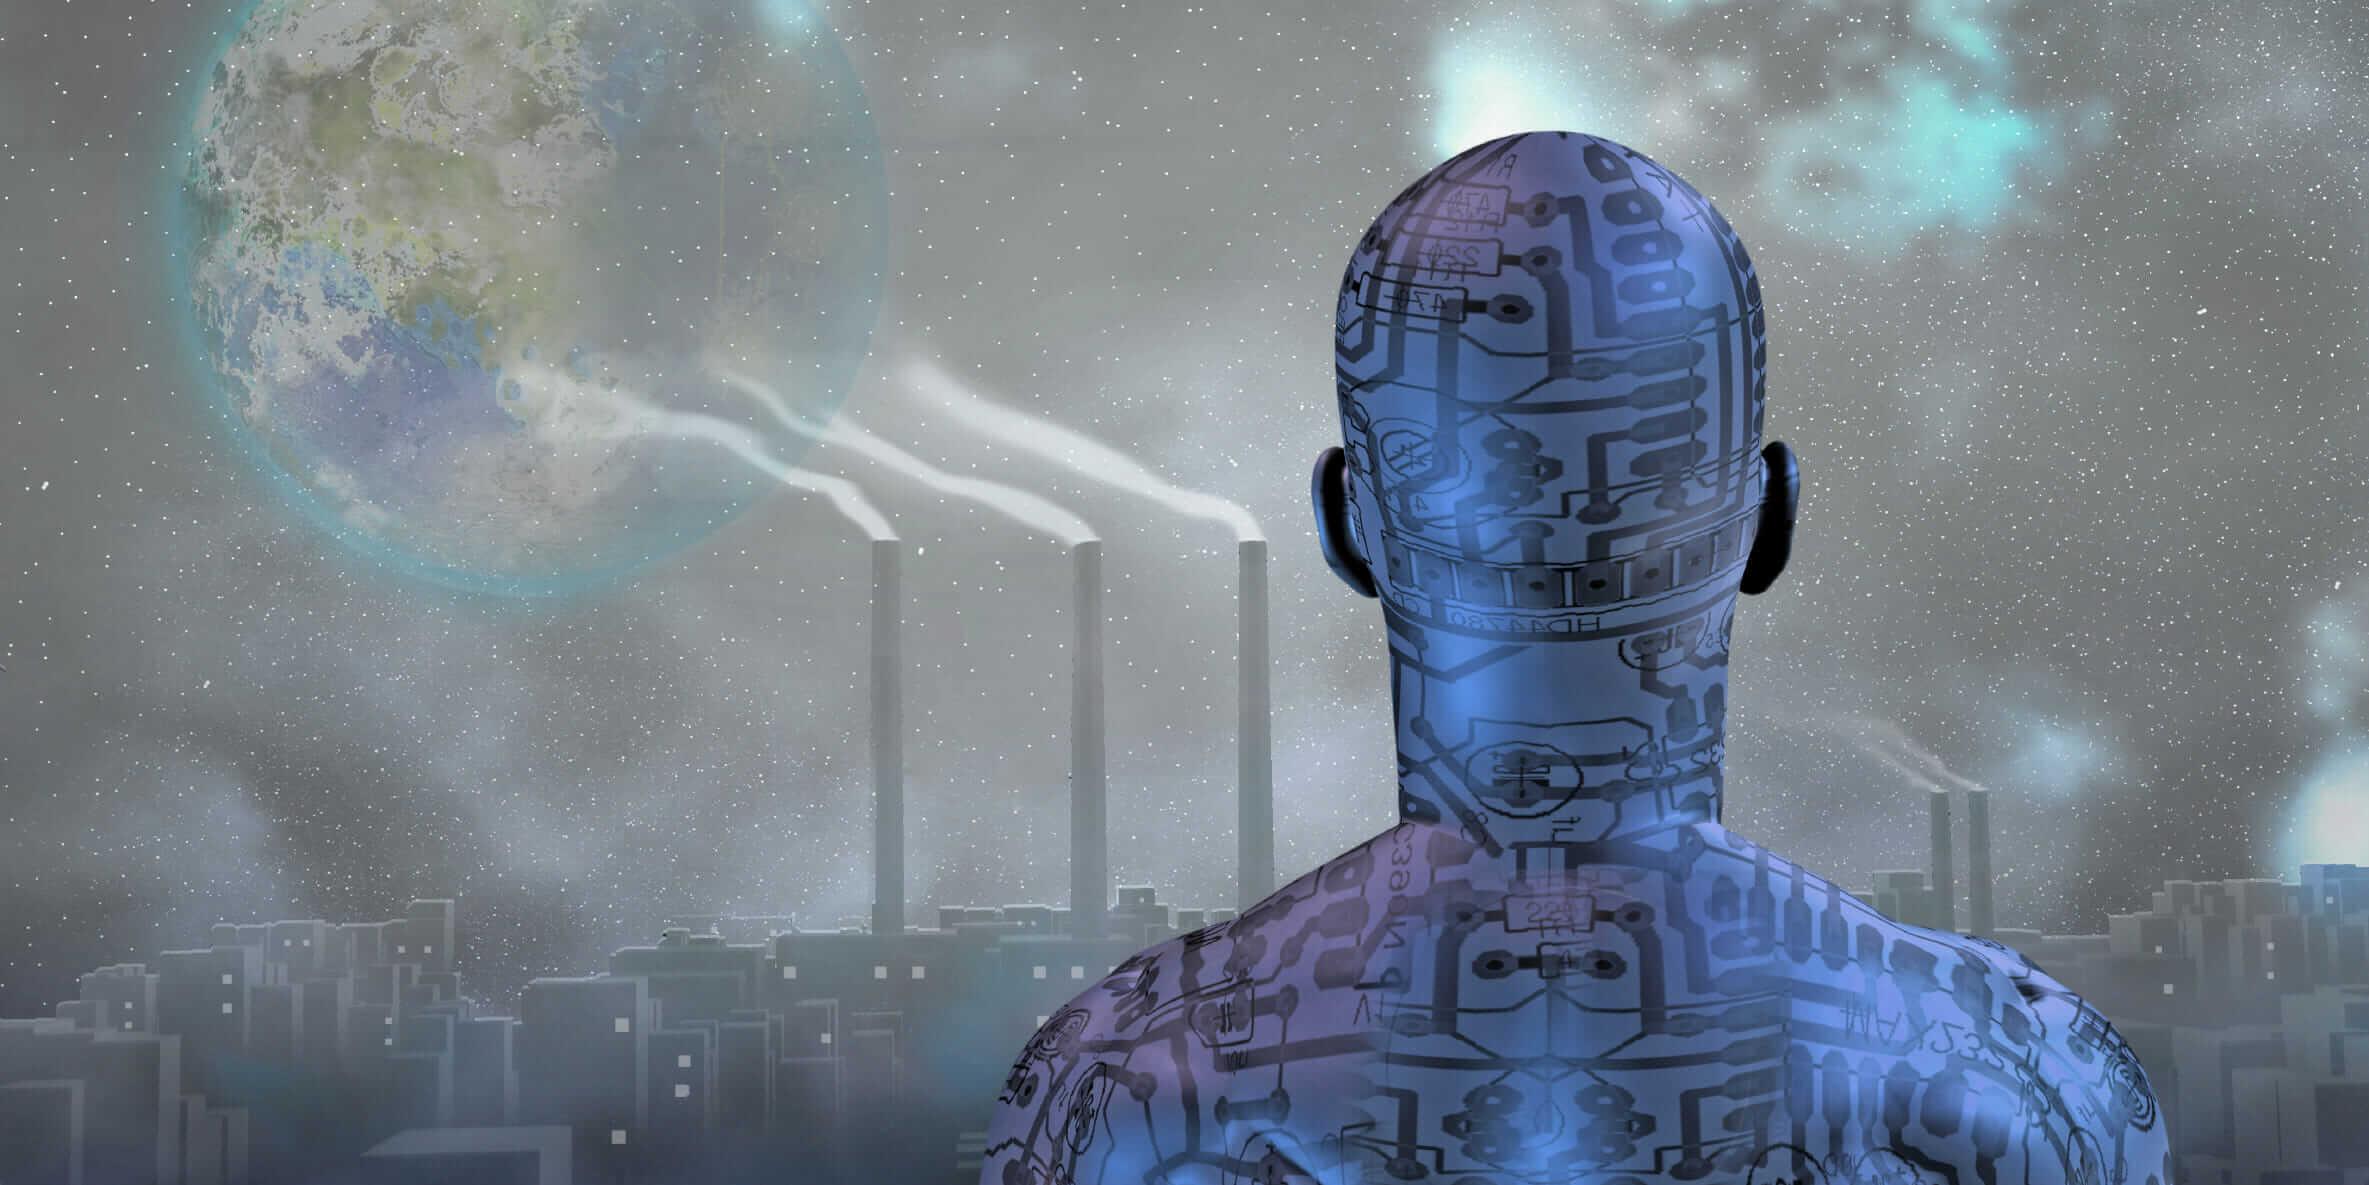 Menschenleere Fabriken: Zukunftsfantasie oder lohnende Investition?